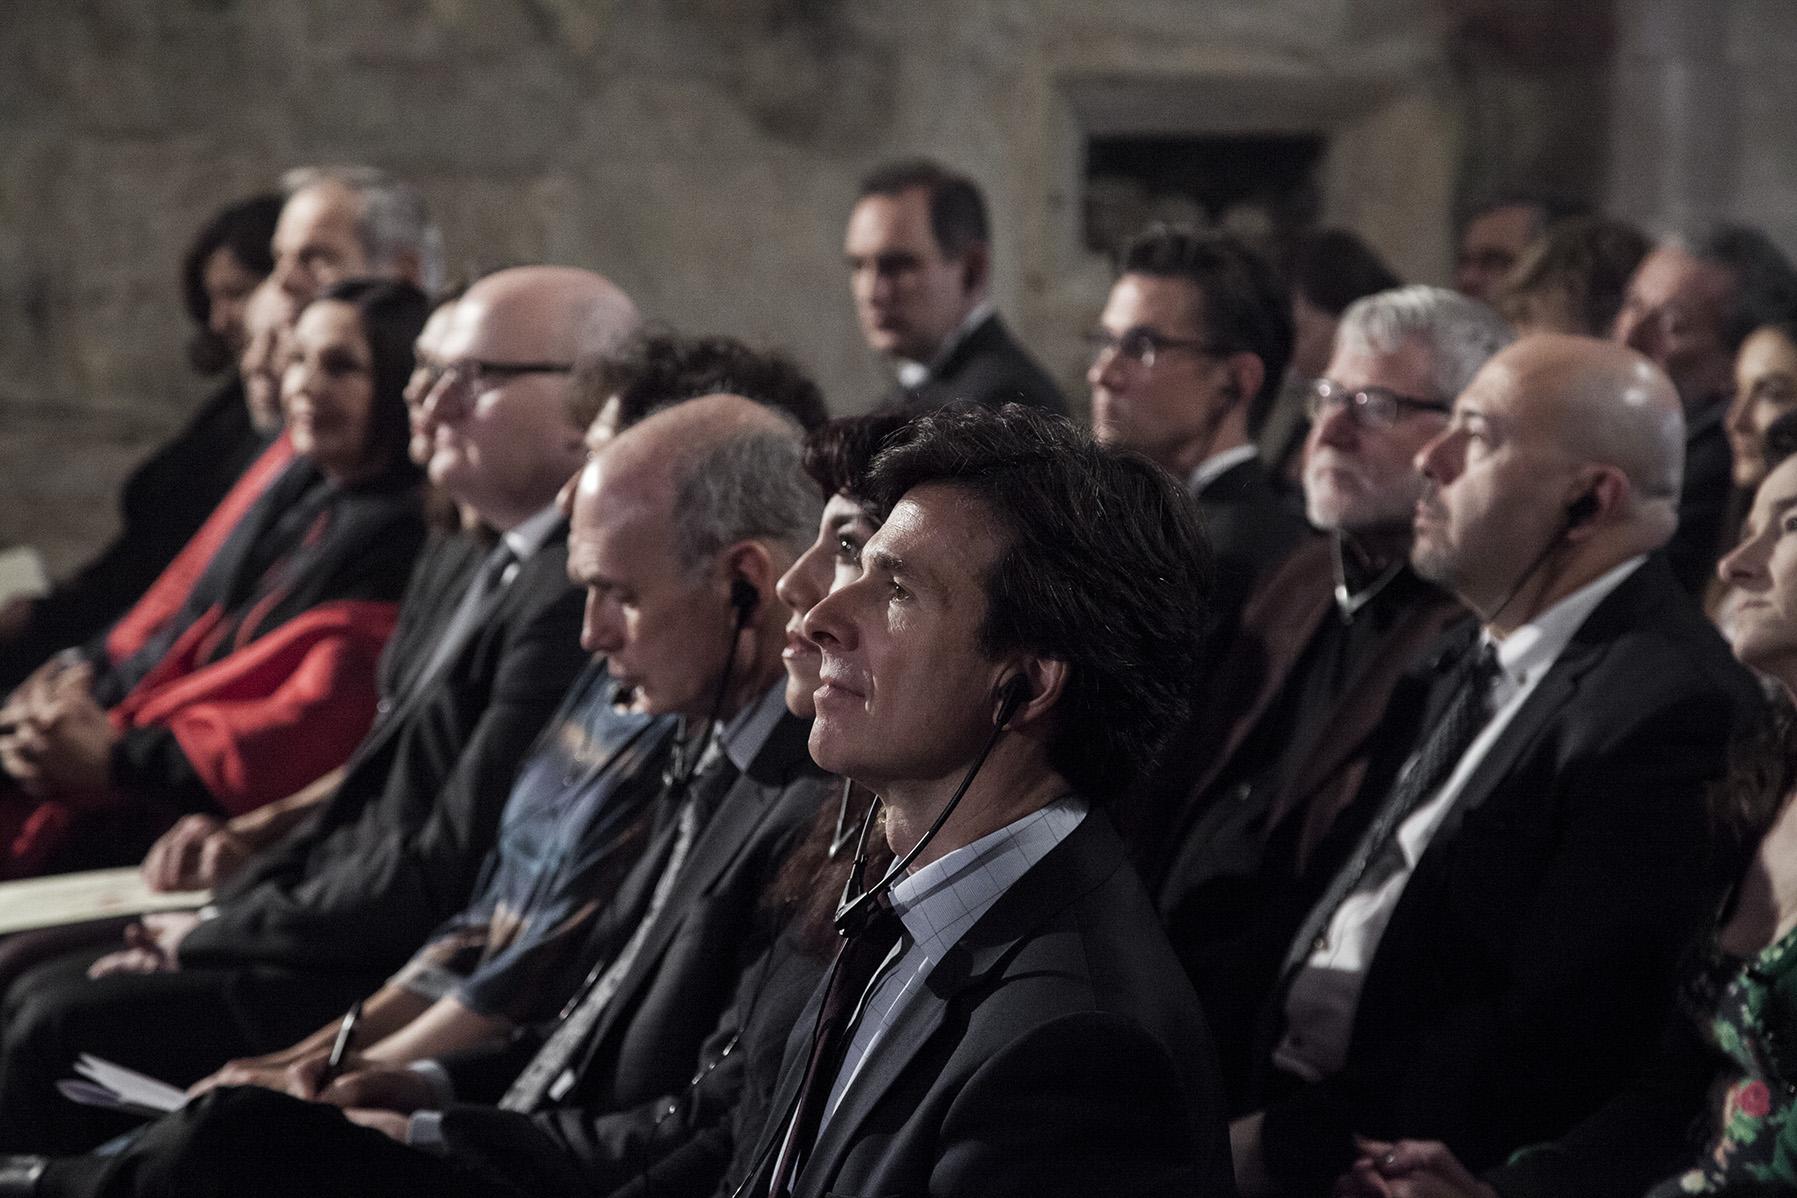 Hosté, (1. řada zprava): J.E.p. Andrew Schapiro, Oksana Marafioti, Daniel Bader, Linda Bader, Daniel Herman (ministr kultury), Lubomíra Slušná Franz, Karel Holomek, Lucie Fuková Horváthová